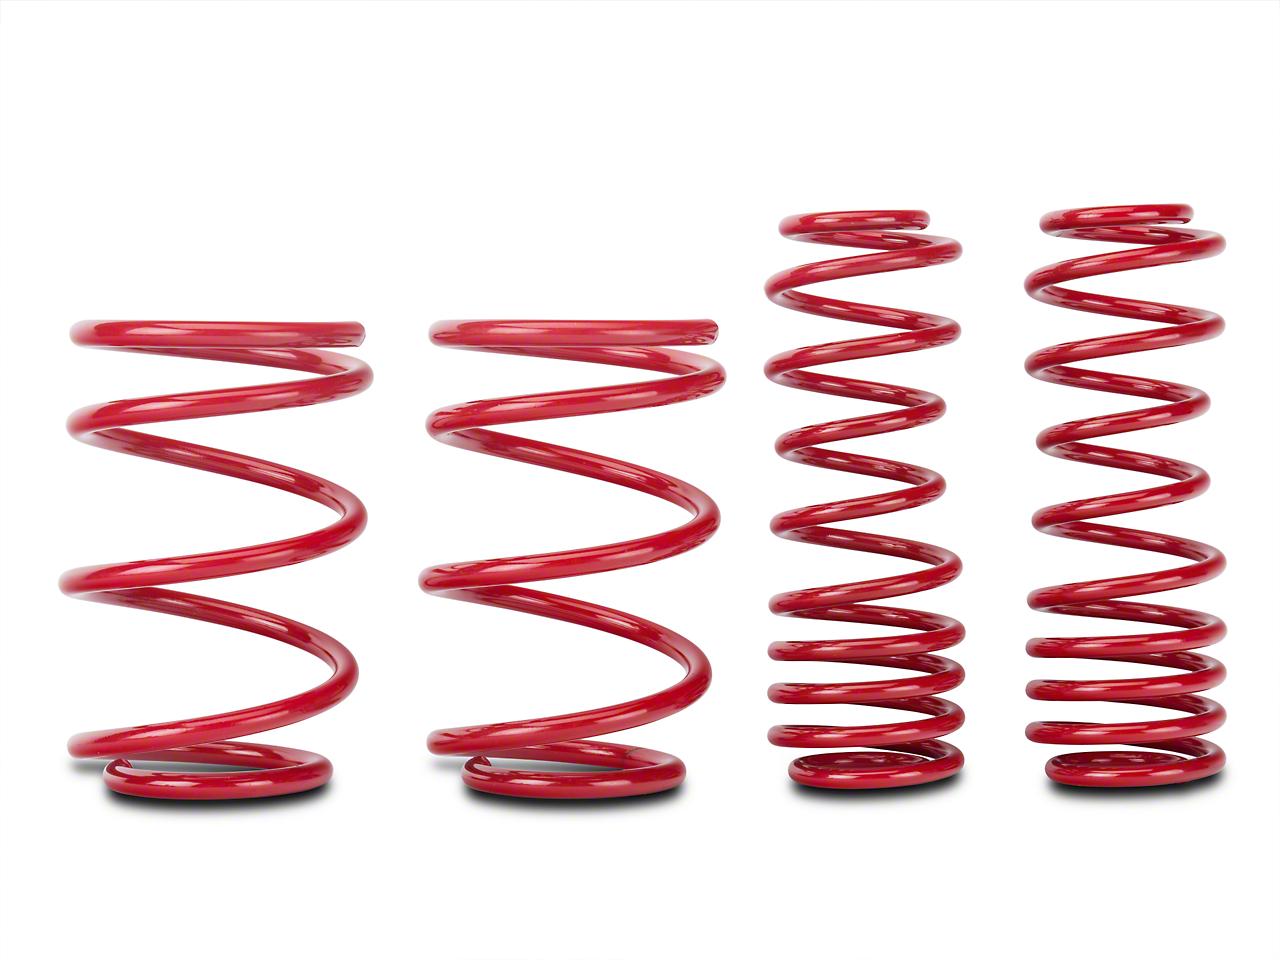 BMR Lowering Springs, Rear, 1.5 in. Drop, Handling, GT500 - Red (07-14 GT500)